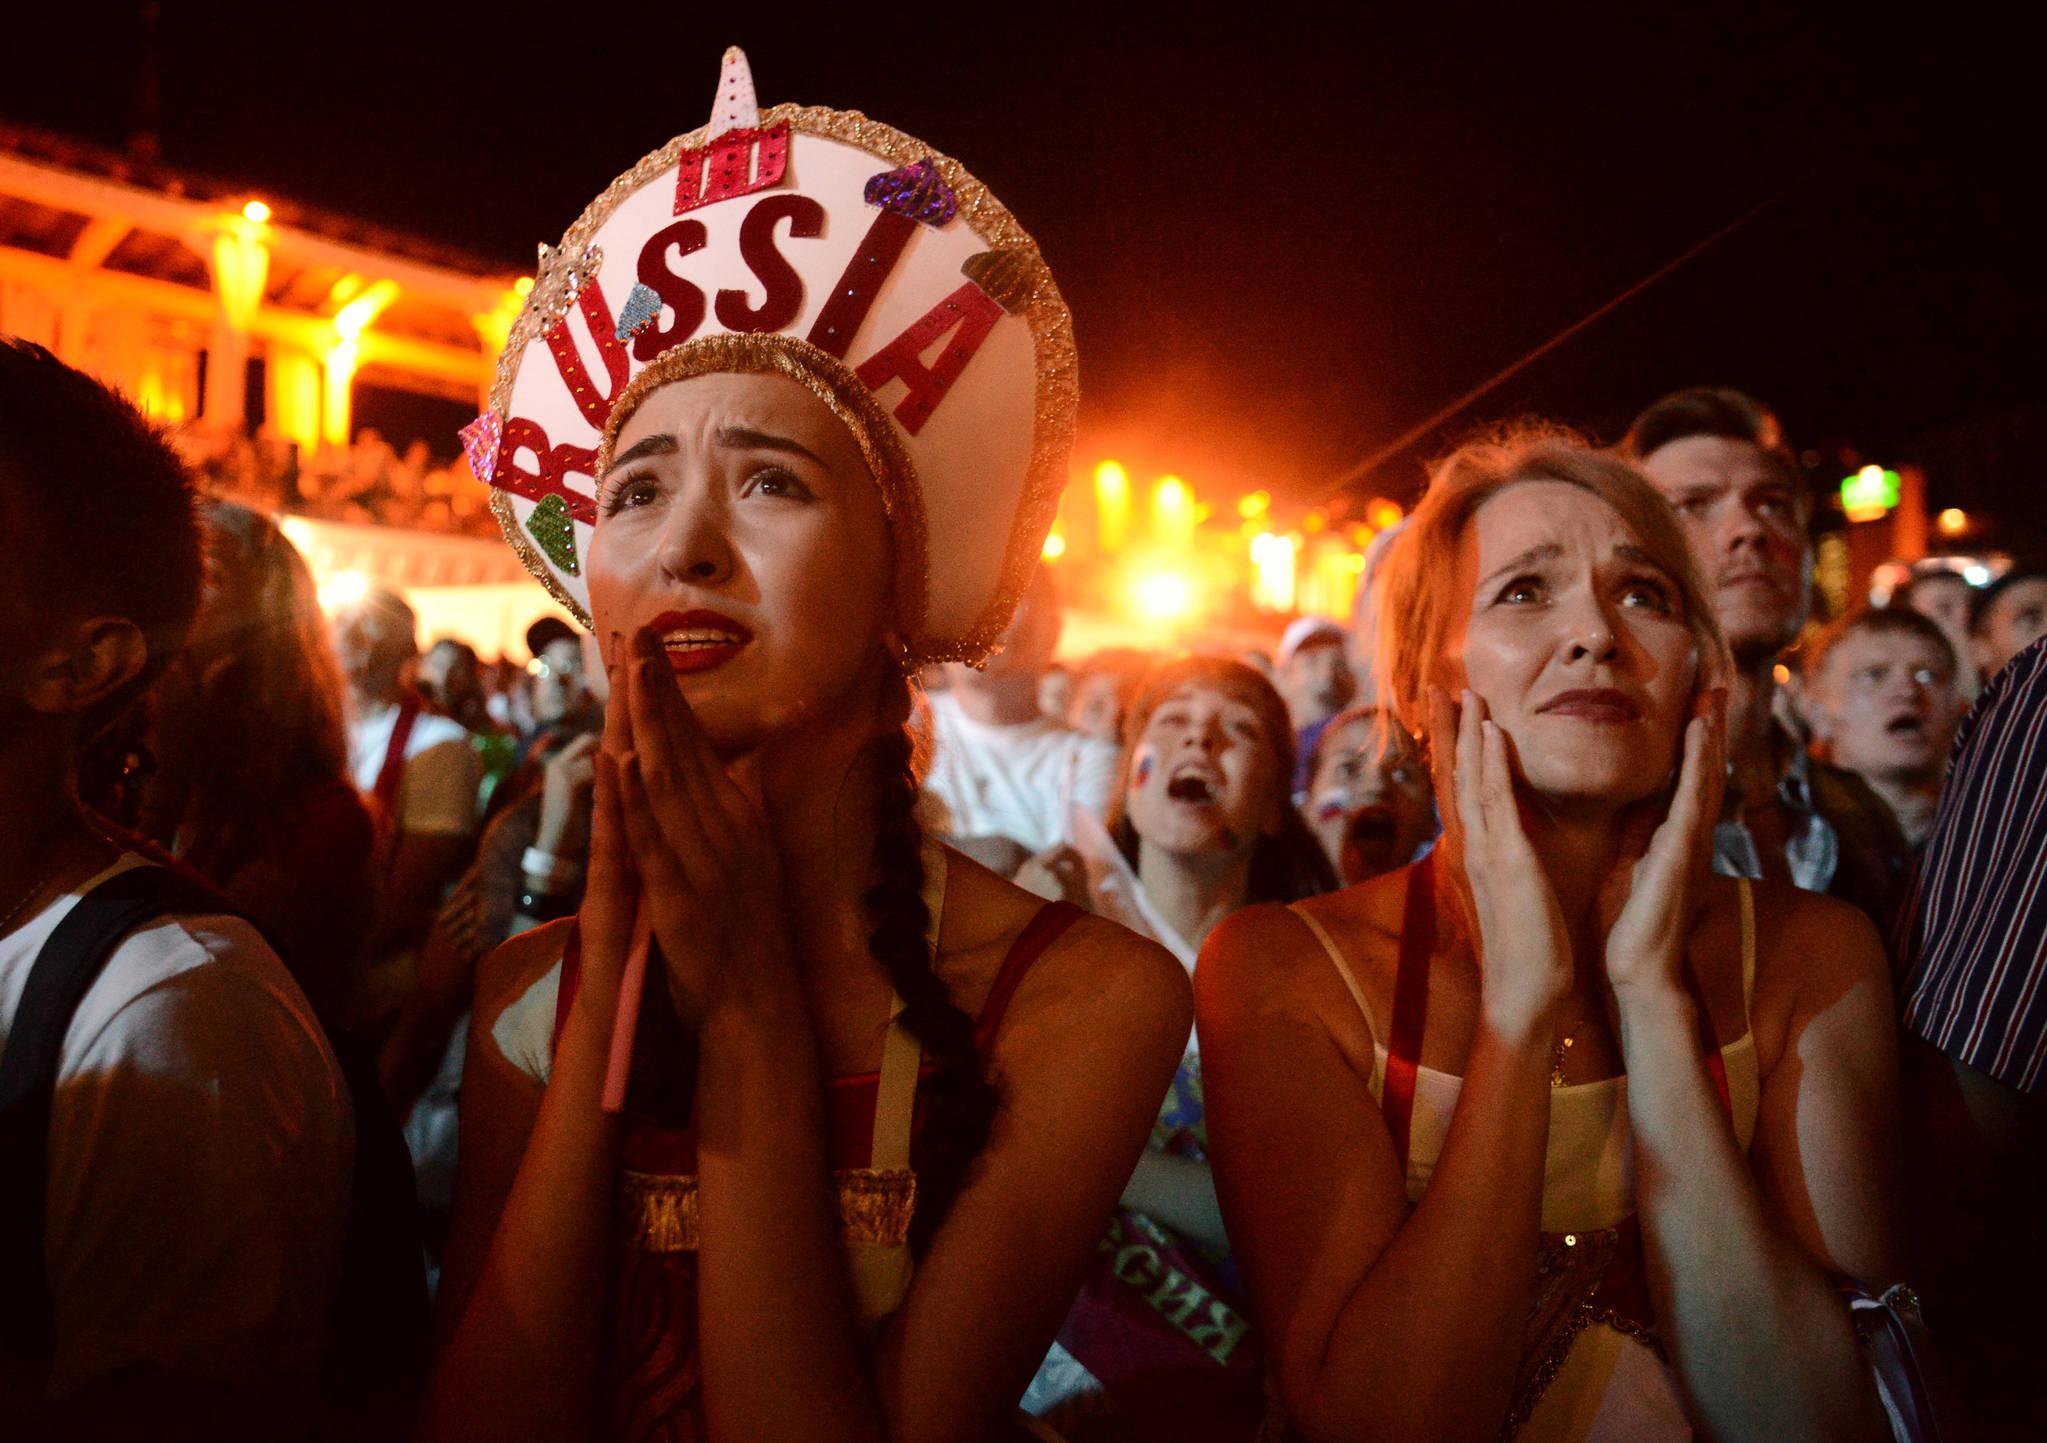 러시아 소치에서 축구팬들이 크로아티아와의 8강전을 지켜보고 있다. 아쉽게도 승부차기 끝에 3-4로 패하면서 러시아는 8강 진출에 만족해야 했다.[연합뉴스]